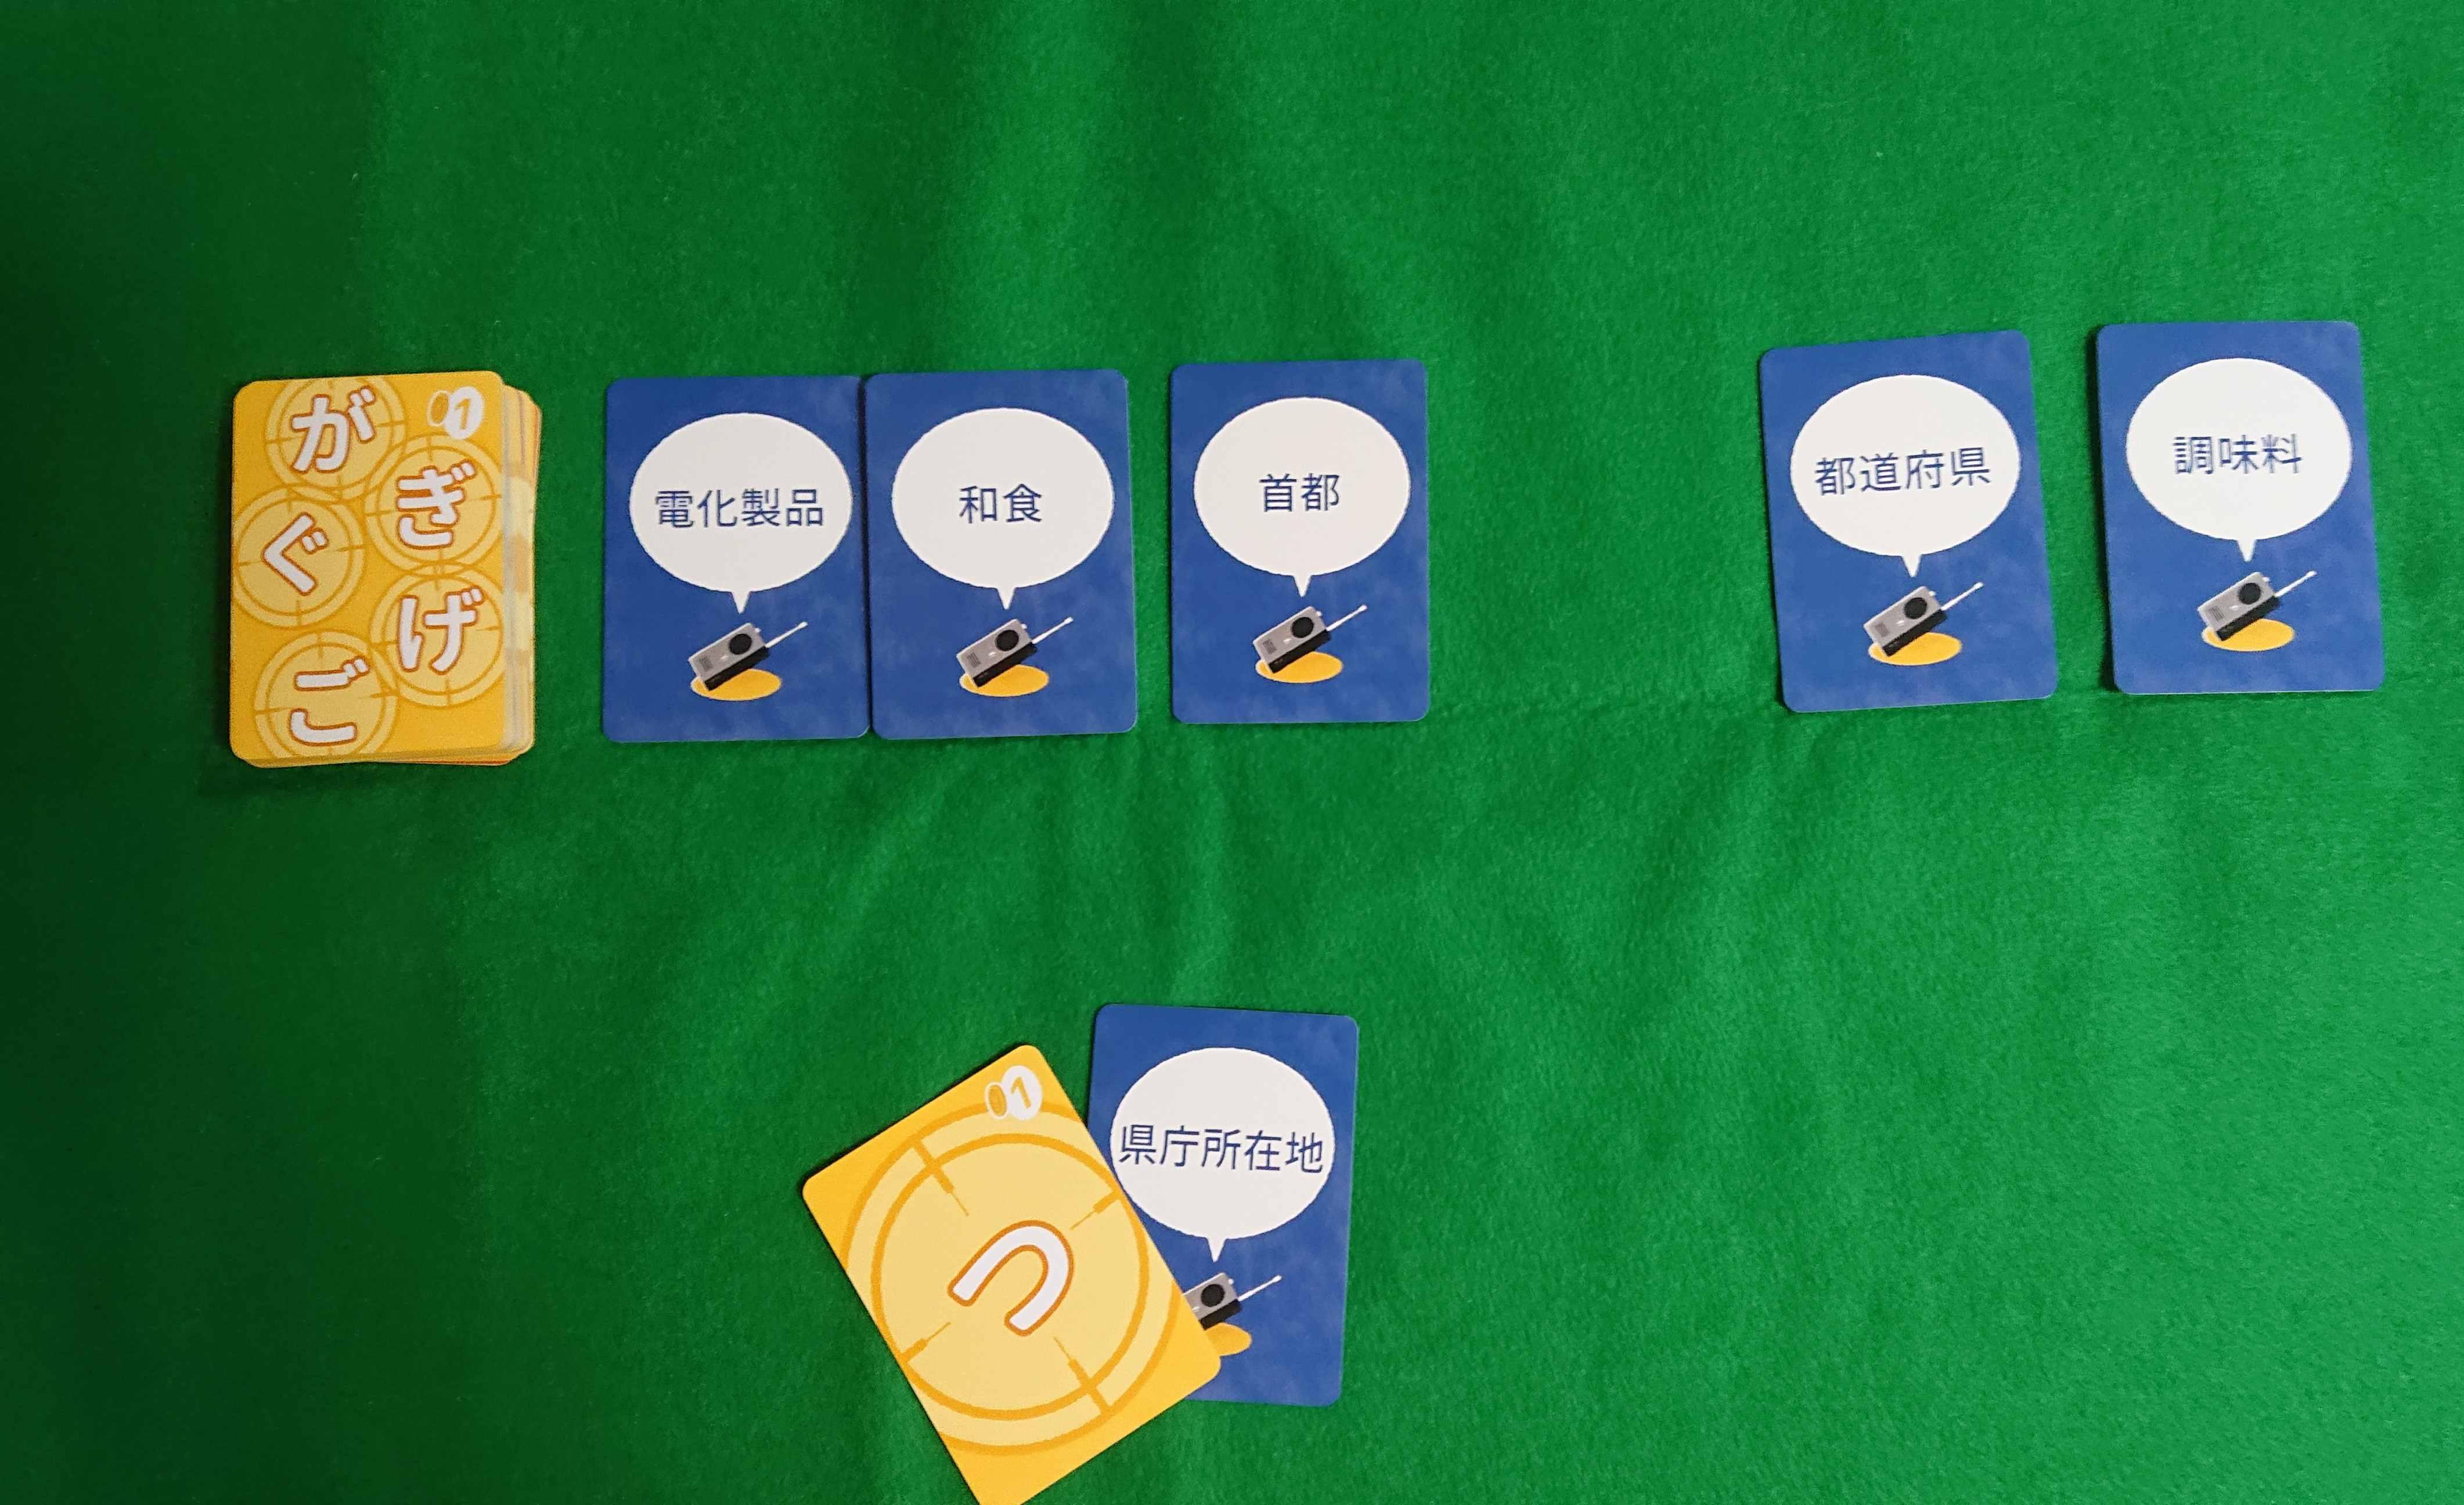 ワードスナイパー 言葉系 傑作カードゲーム お題に合った言葉を早く言おう 反射神経 ルール説明 ボードゲーム